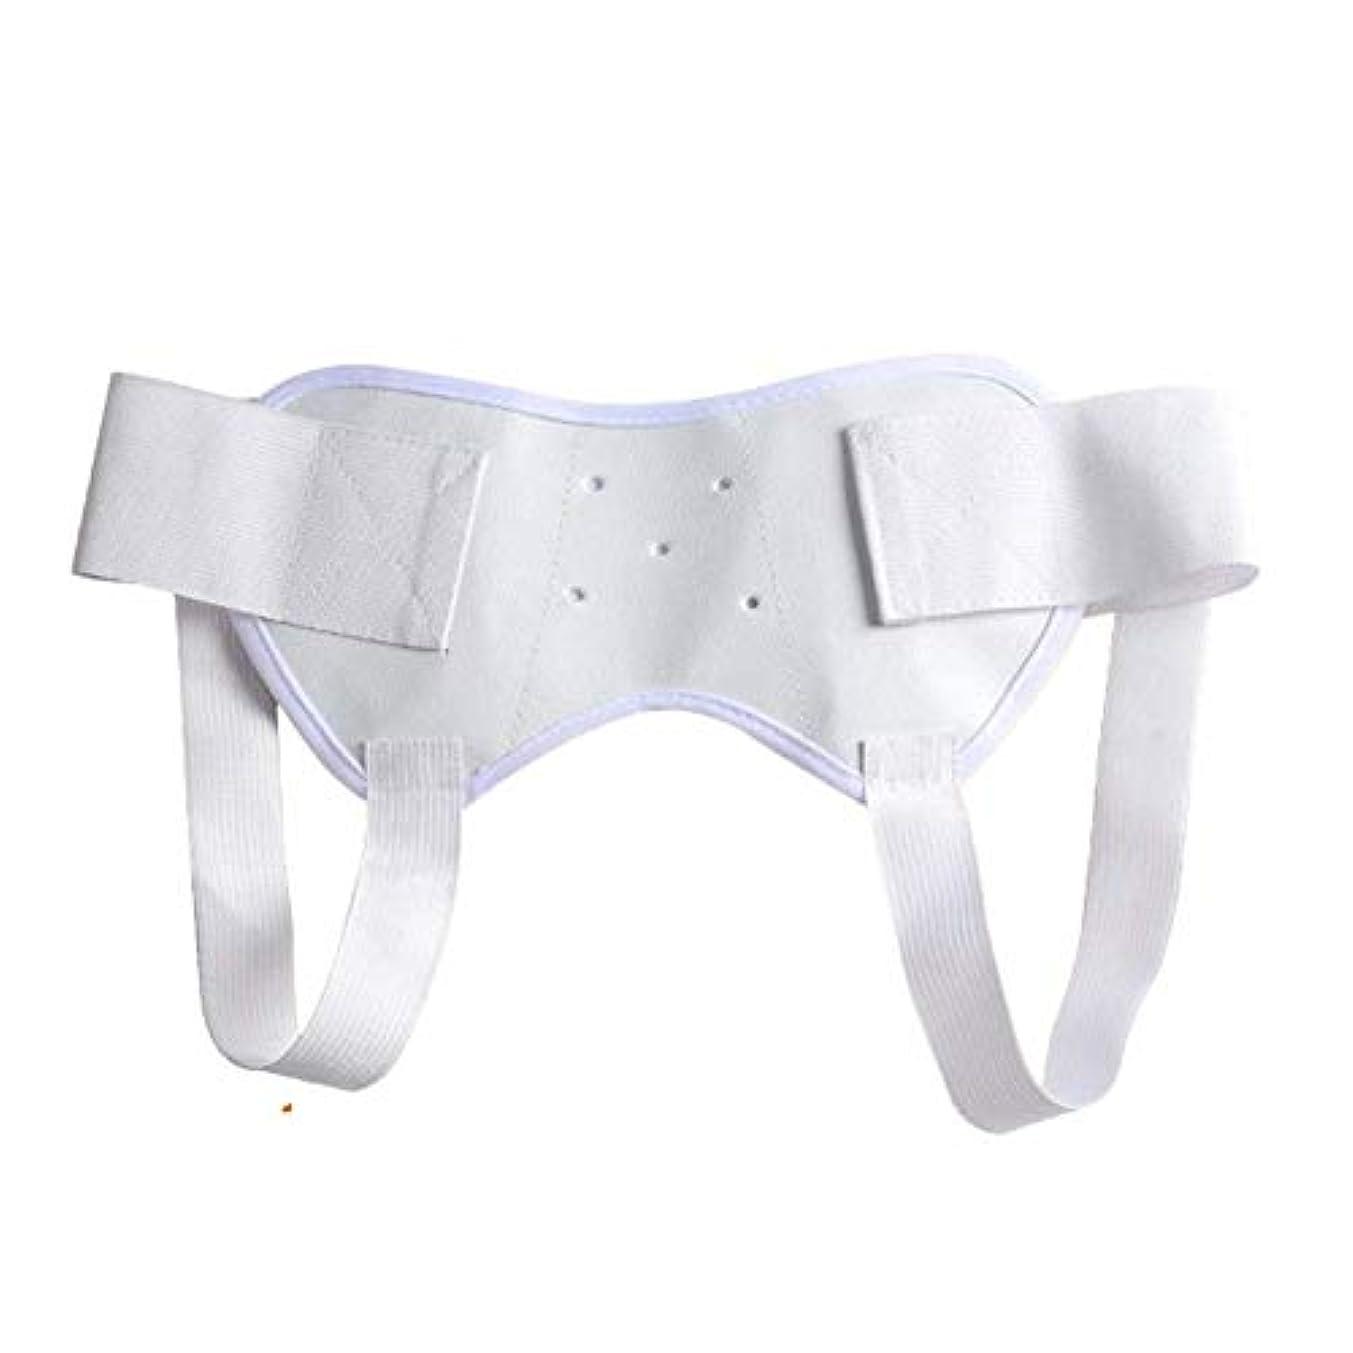 。反動提供する調節可能な股関節ベルト、へそ、vel径ヘルニアベルトの小腸ガス治療